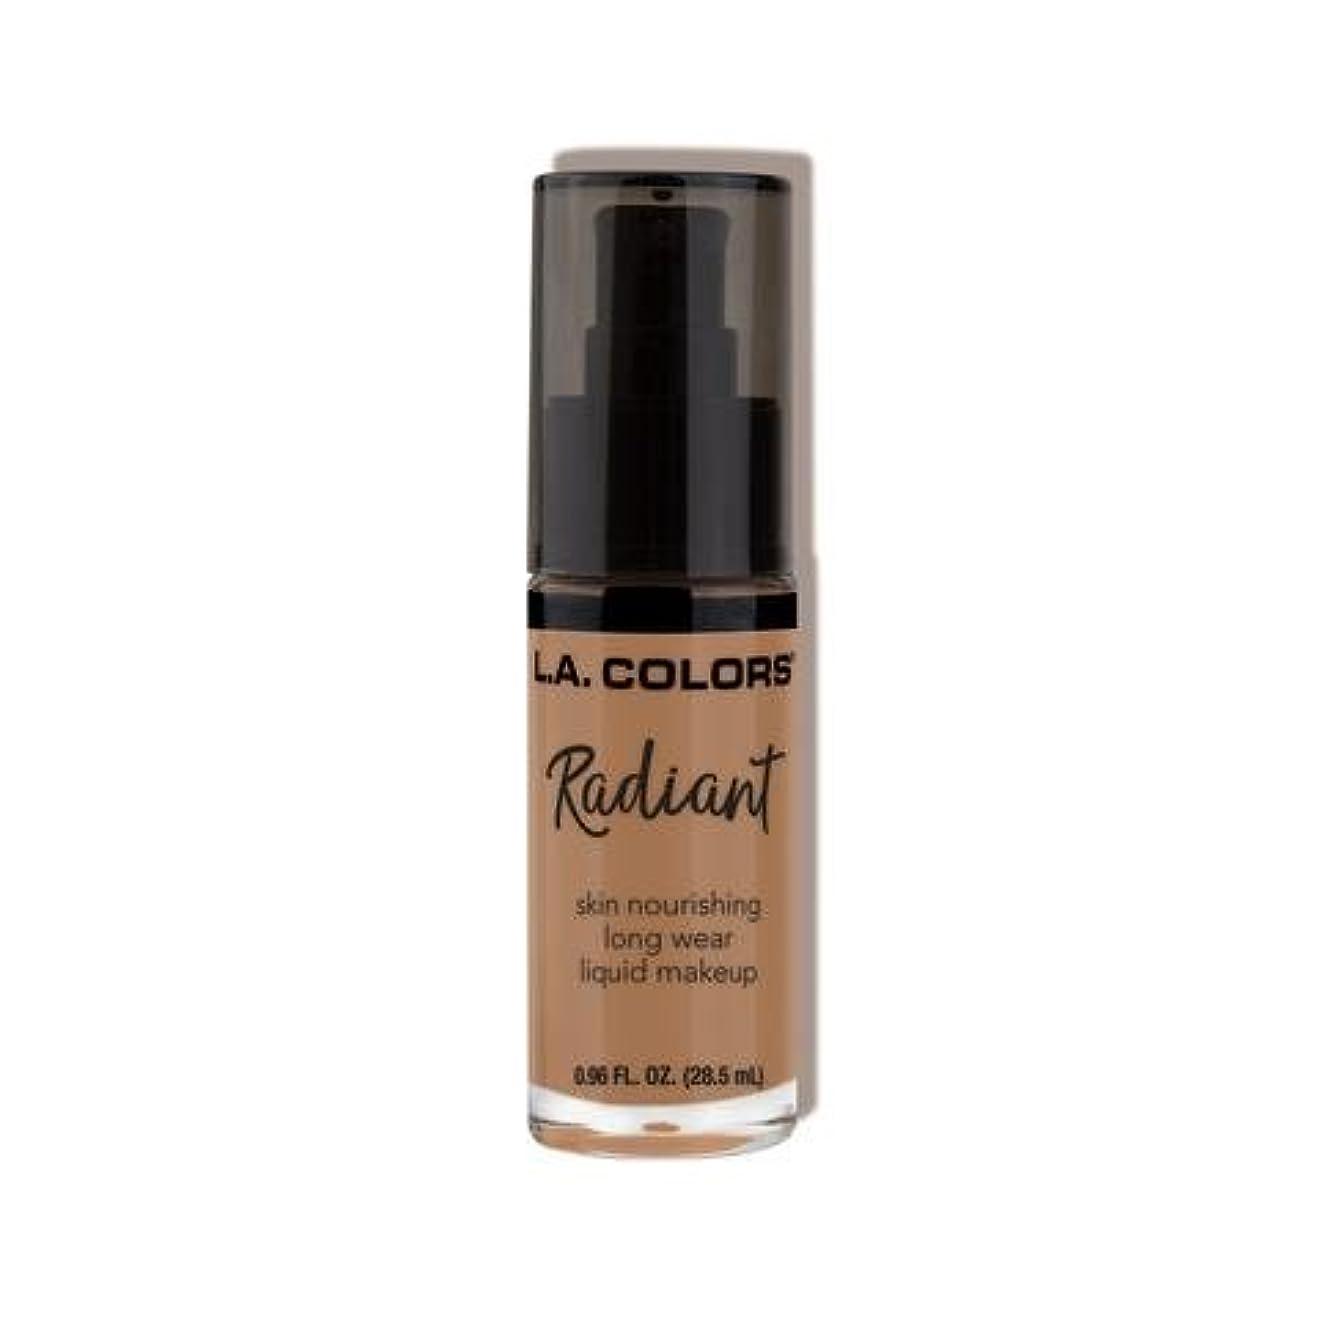 機械的否認する警告する(3 Pack) L.A. COLORS Radiant Liquid Makeup - Creamy Cafe (並行輸入品)